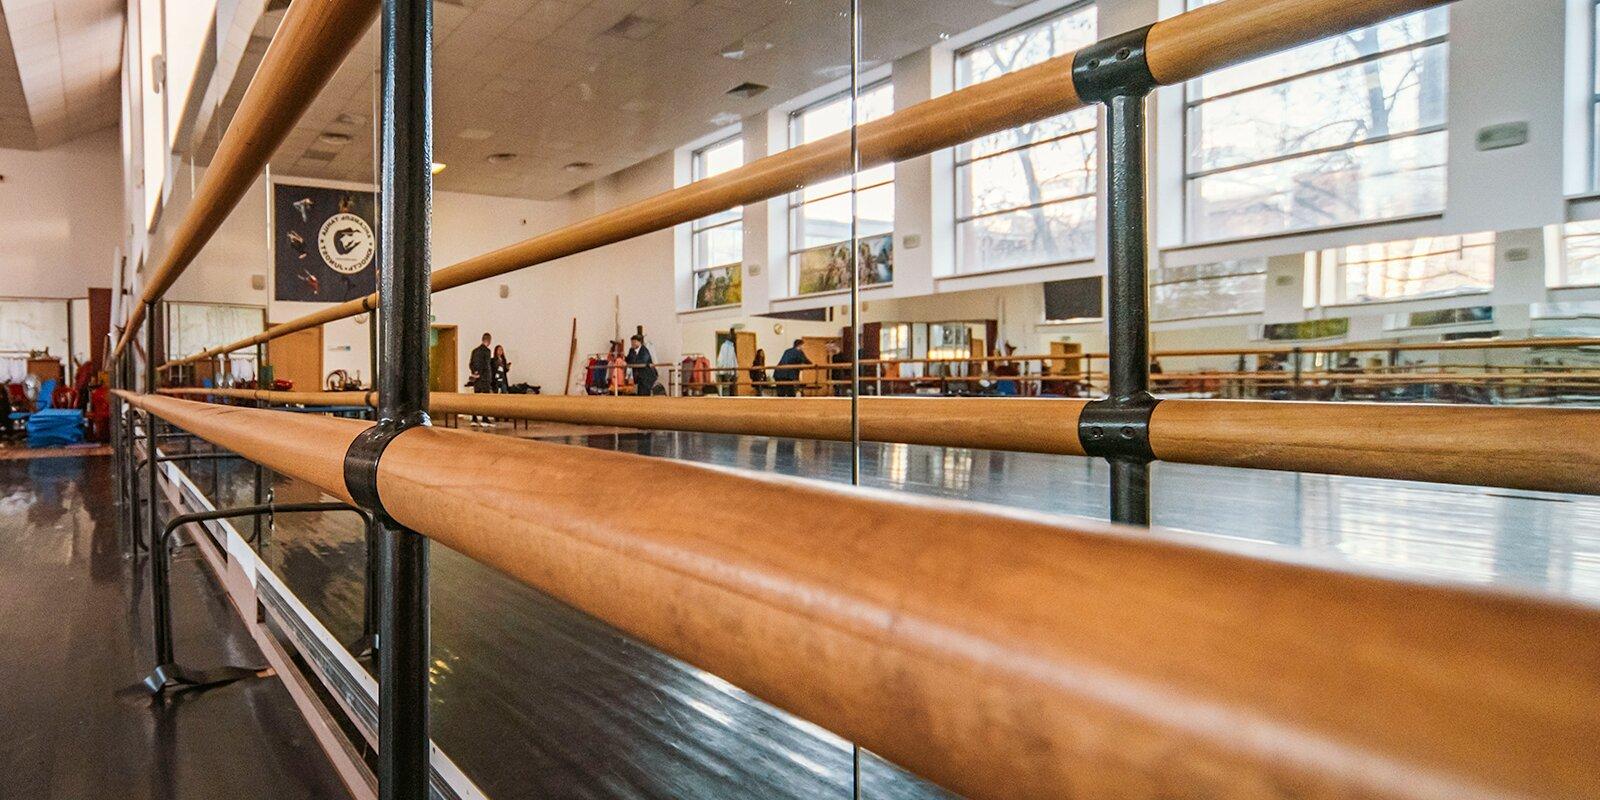 В Кленовском появится культурный центр с театральной гостиной и балетным залом